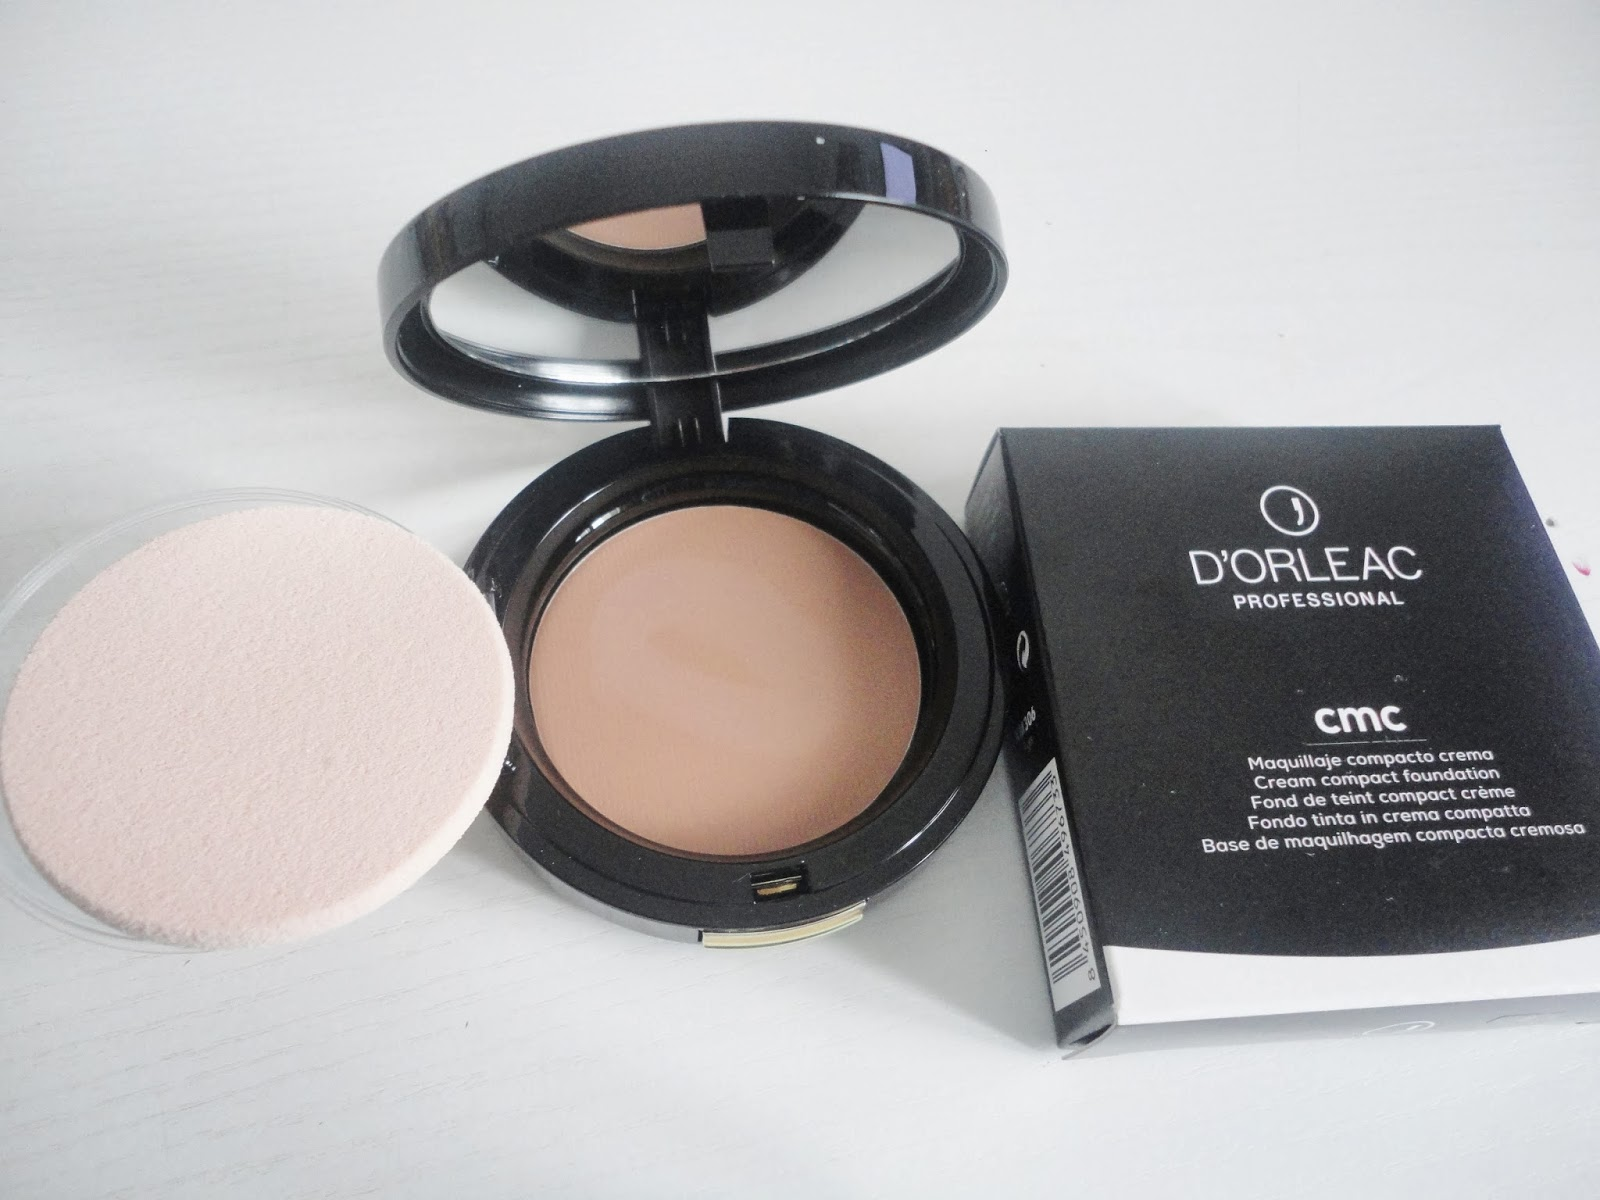 dorleac-maquillaje-compacto